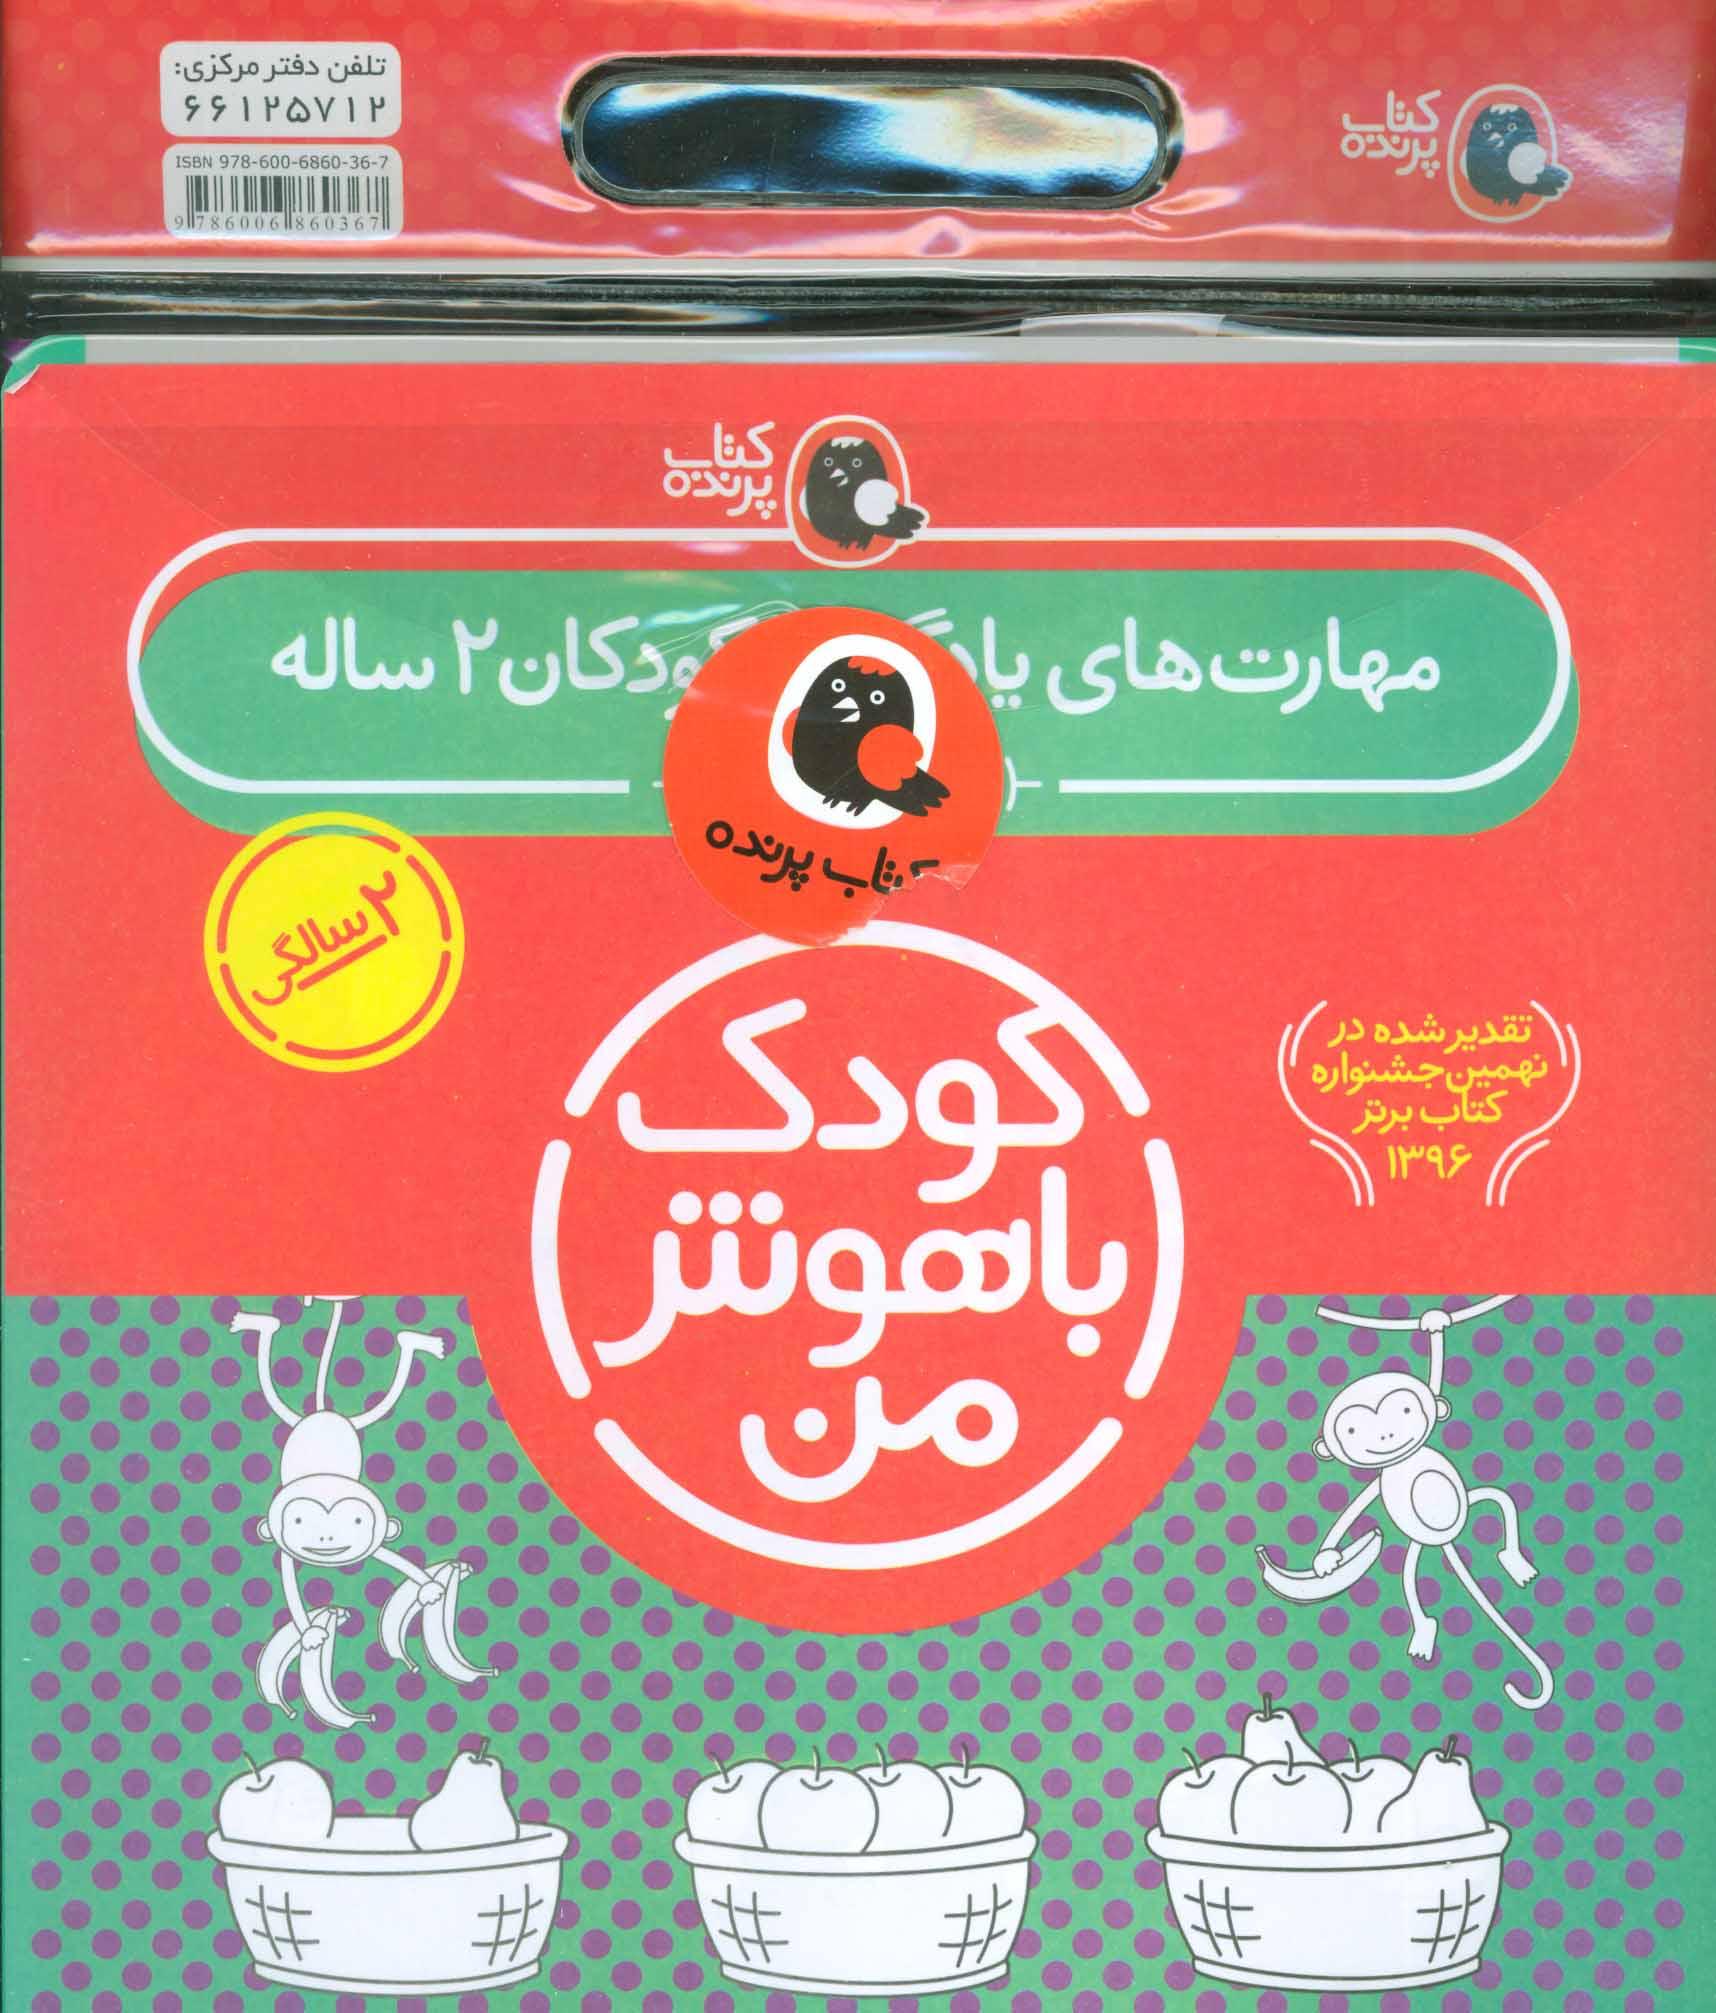 کیف کتاب کودک باهوش من (مهارت های یادگیری کودکان 2 ساله)،(6جلدی)